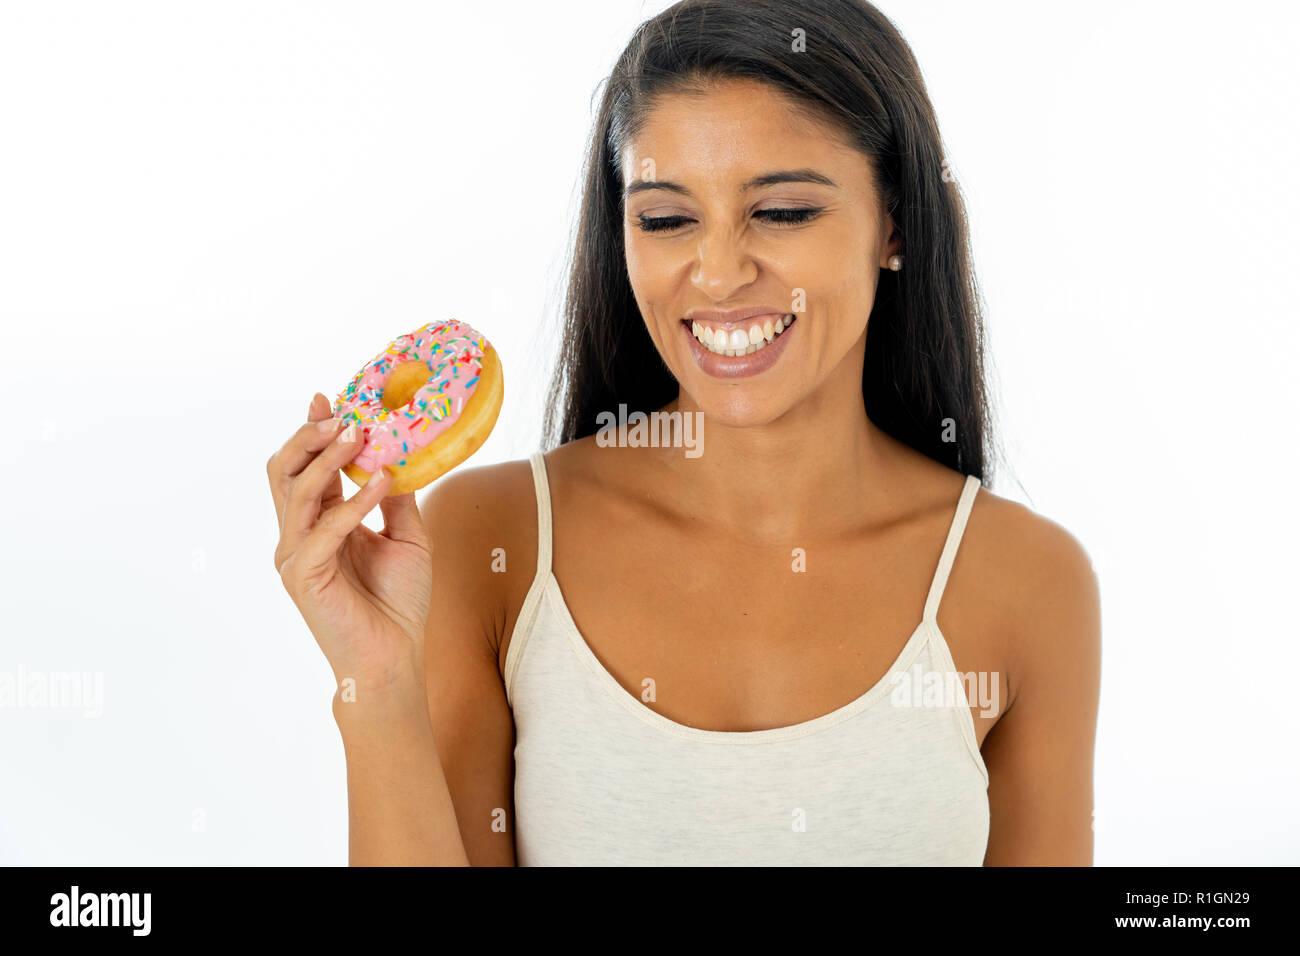 Portrait von extrem glücklich Schöne lateinische junge Frau essen eine leckere Doughnuts es mit Freude in sich selbst verwöhnen und vergessen di Stockbild